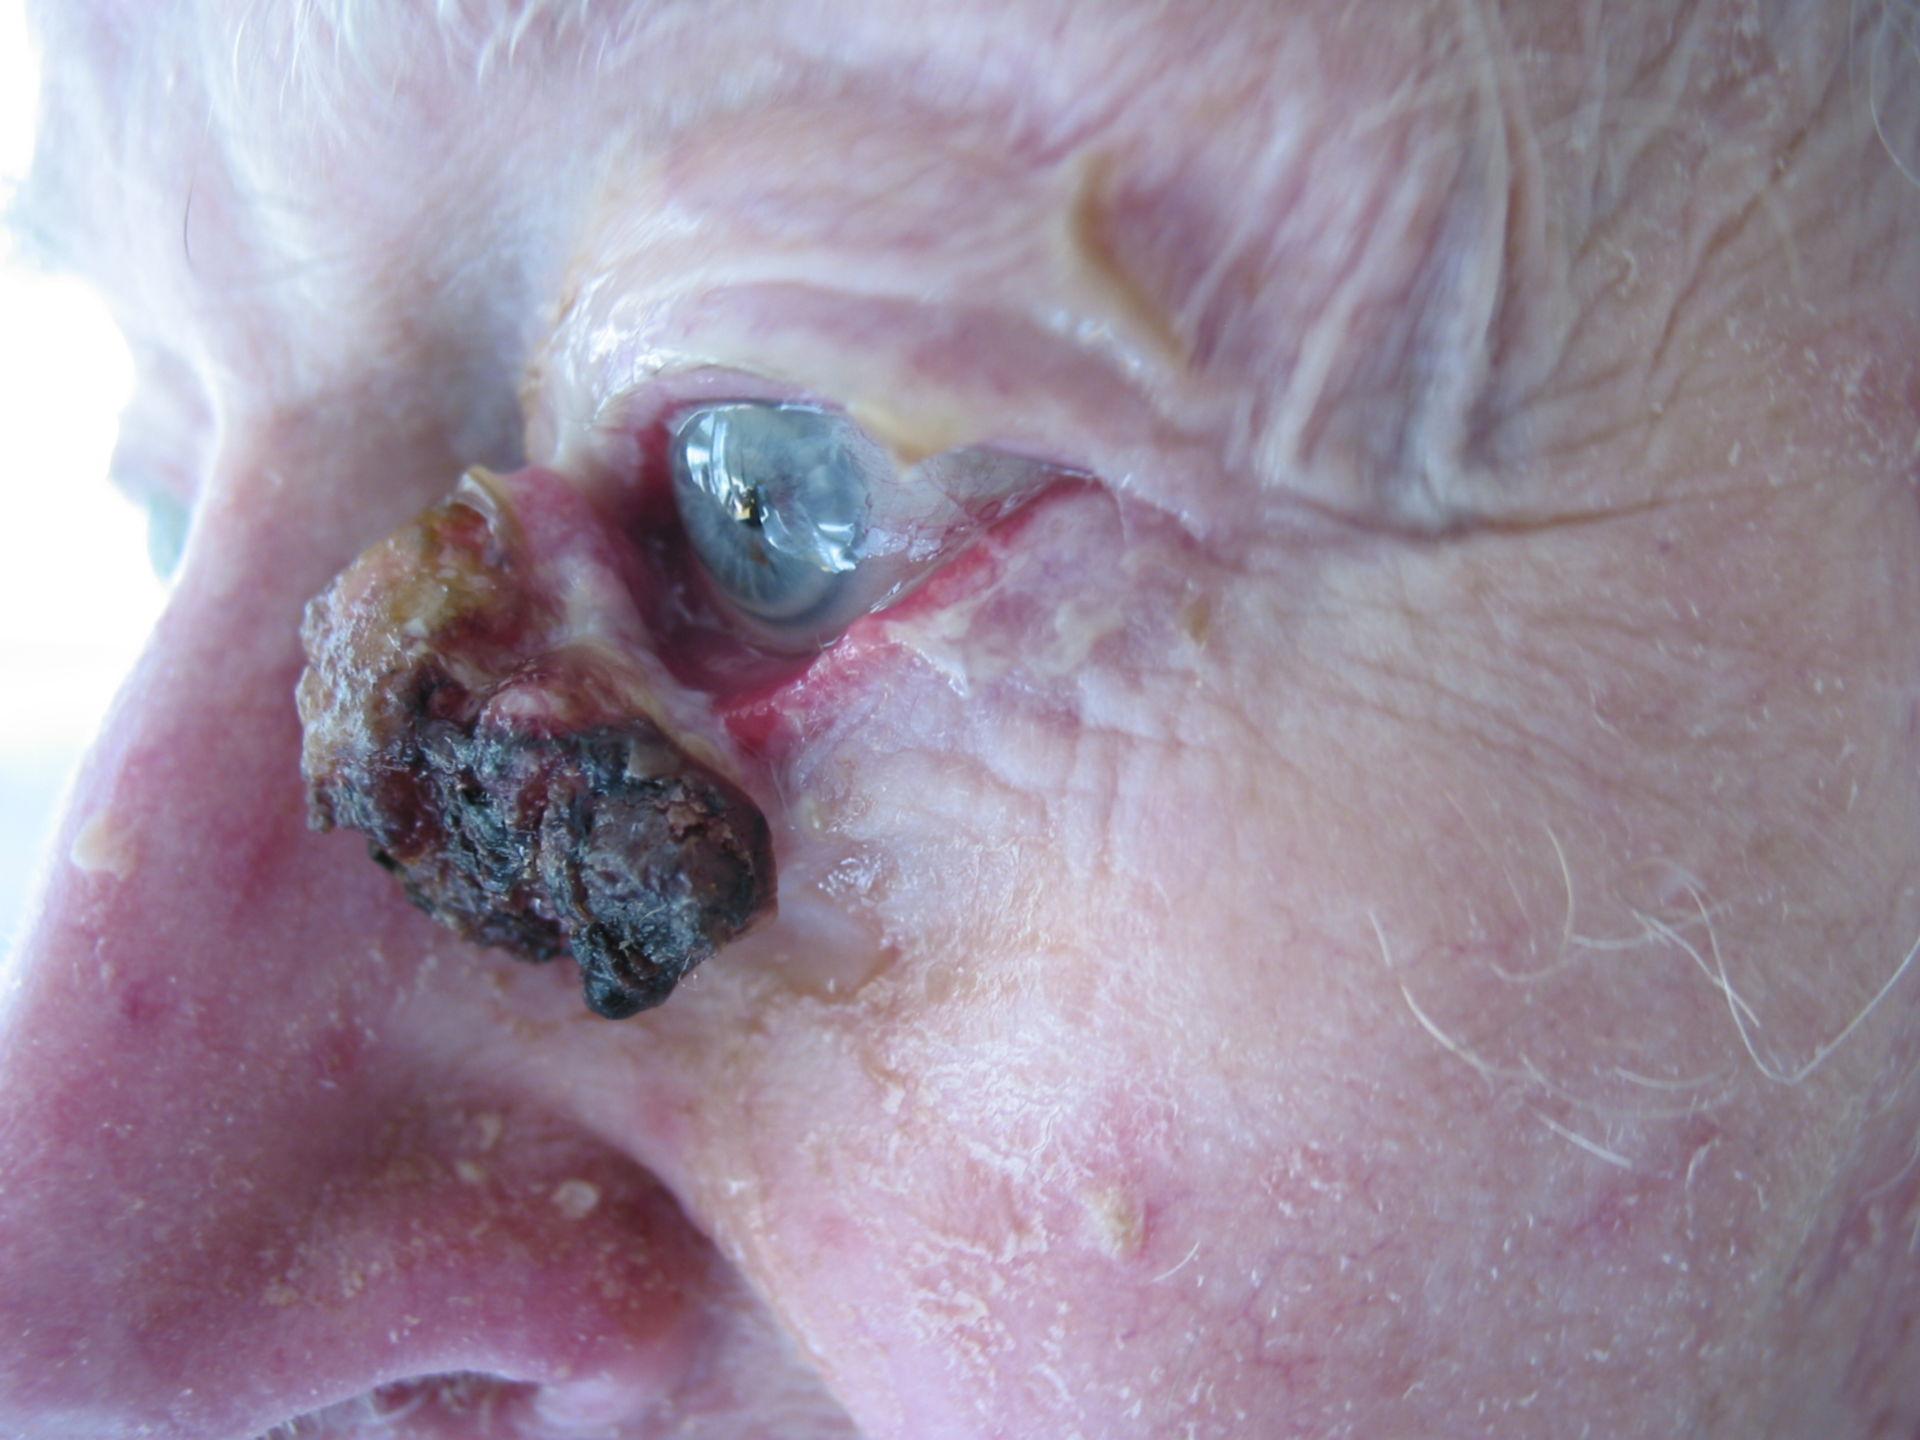 Tumor del párpado inferior